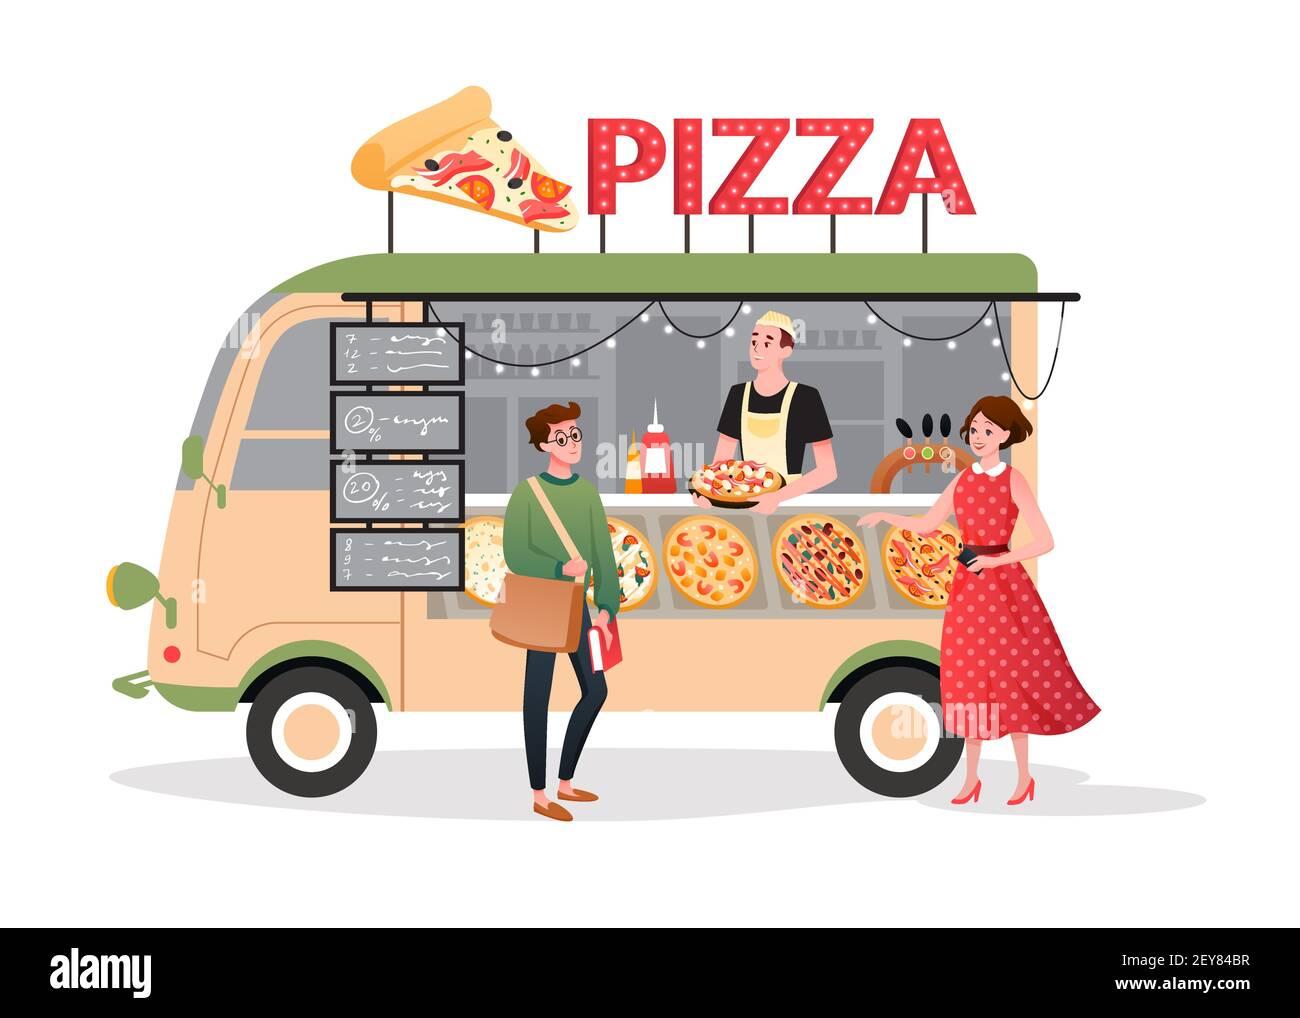 Pizza marché de rue camion alimentaire, mini pizzeria restaurant mobile boutique dans van bus food camion Illustration de Vecteur